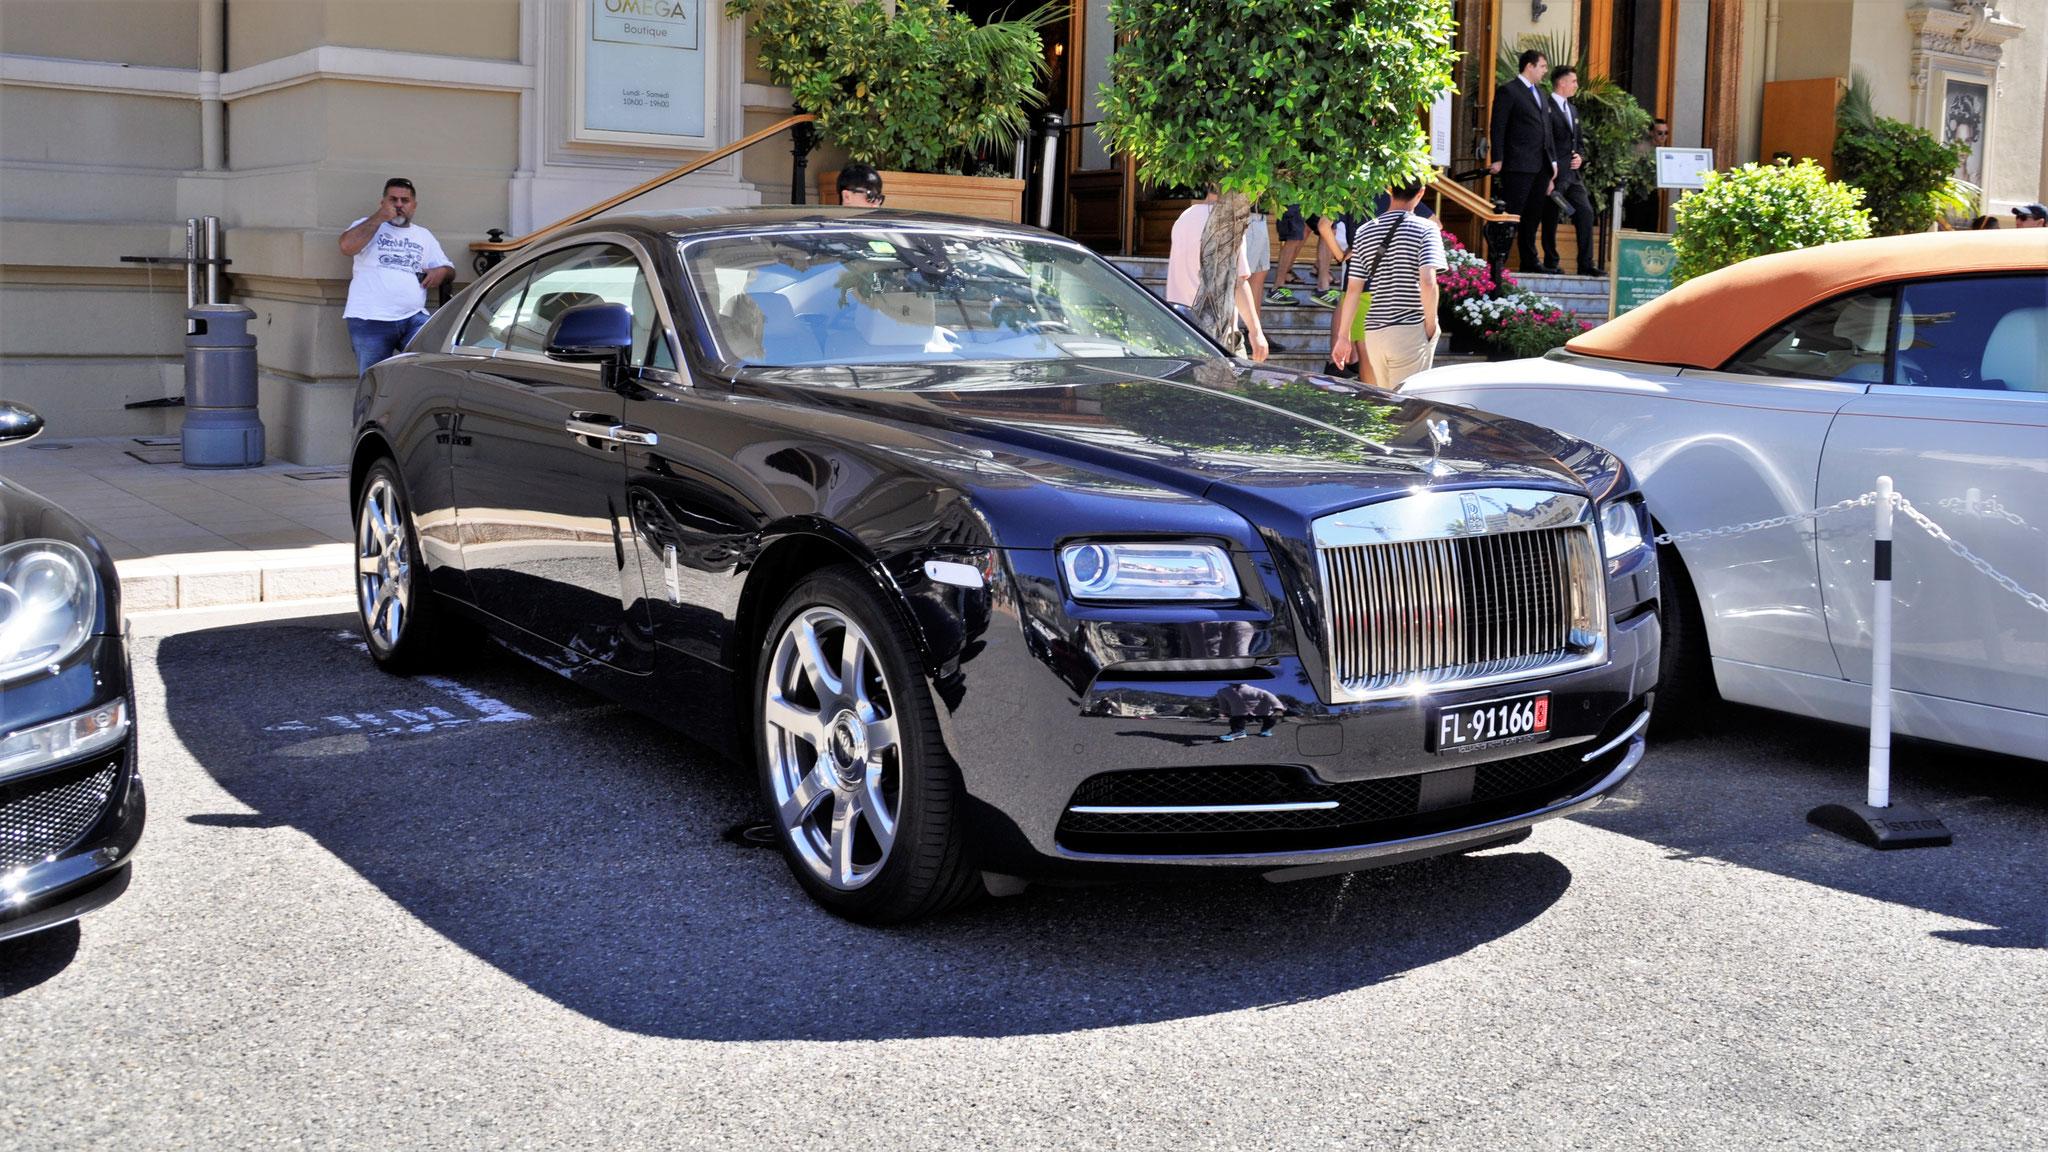 Rolls Royce Wraith - FL-91166 (LIC)